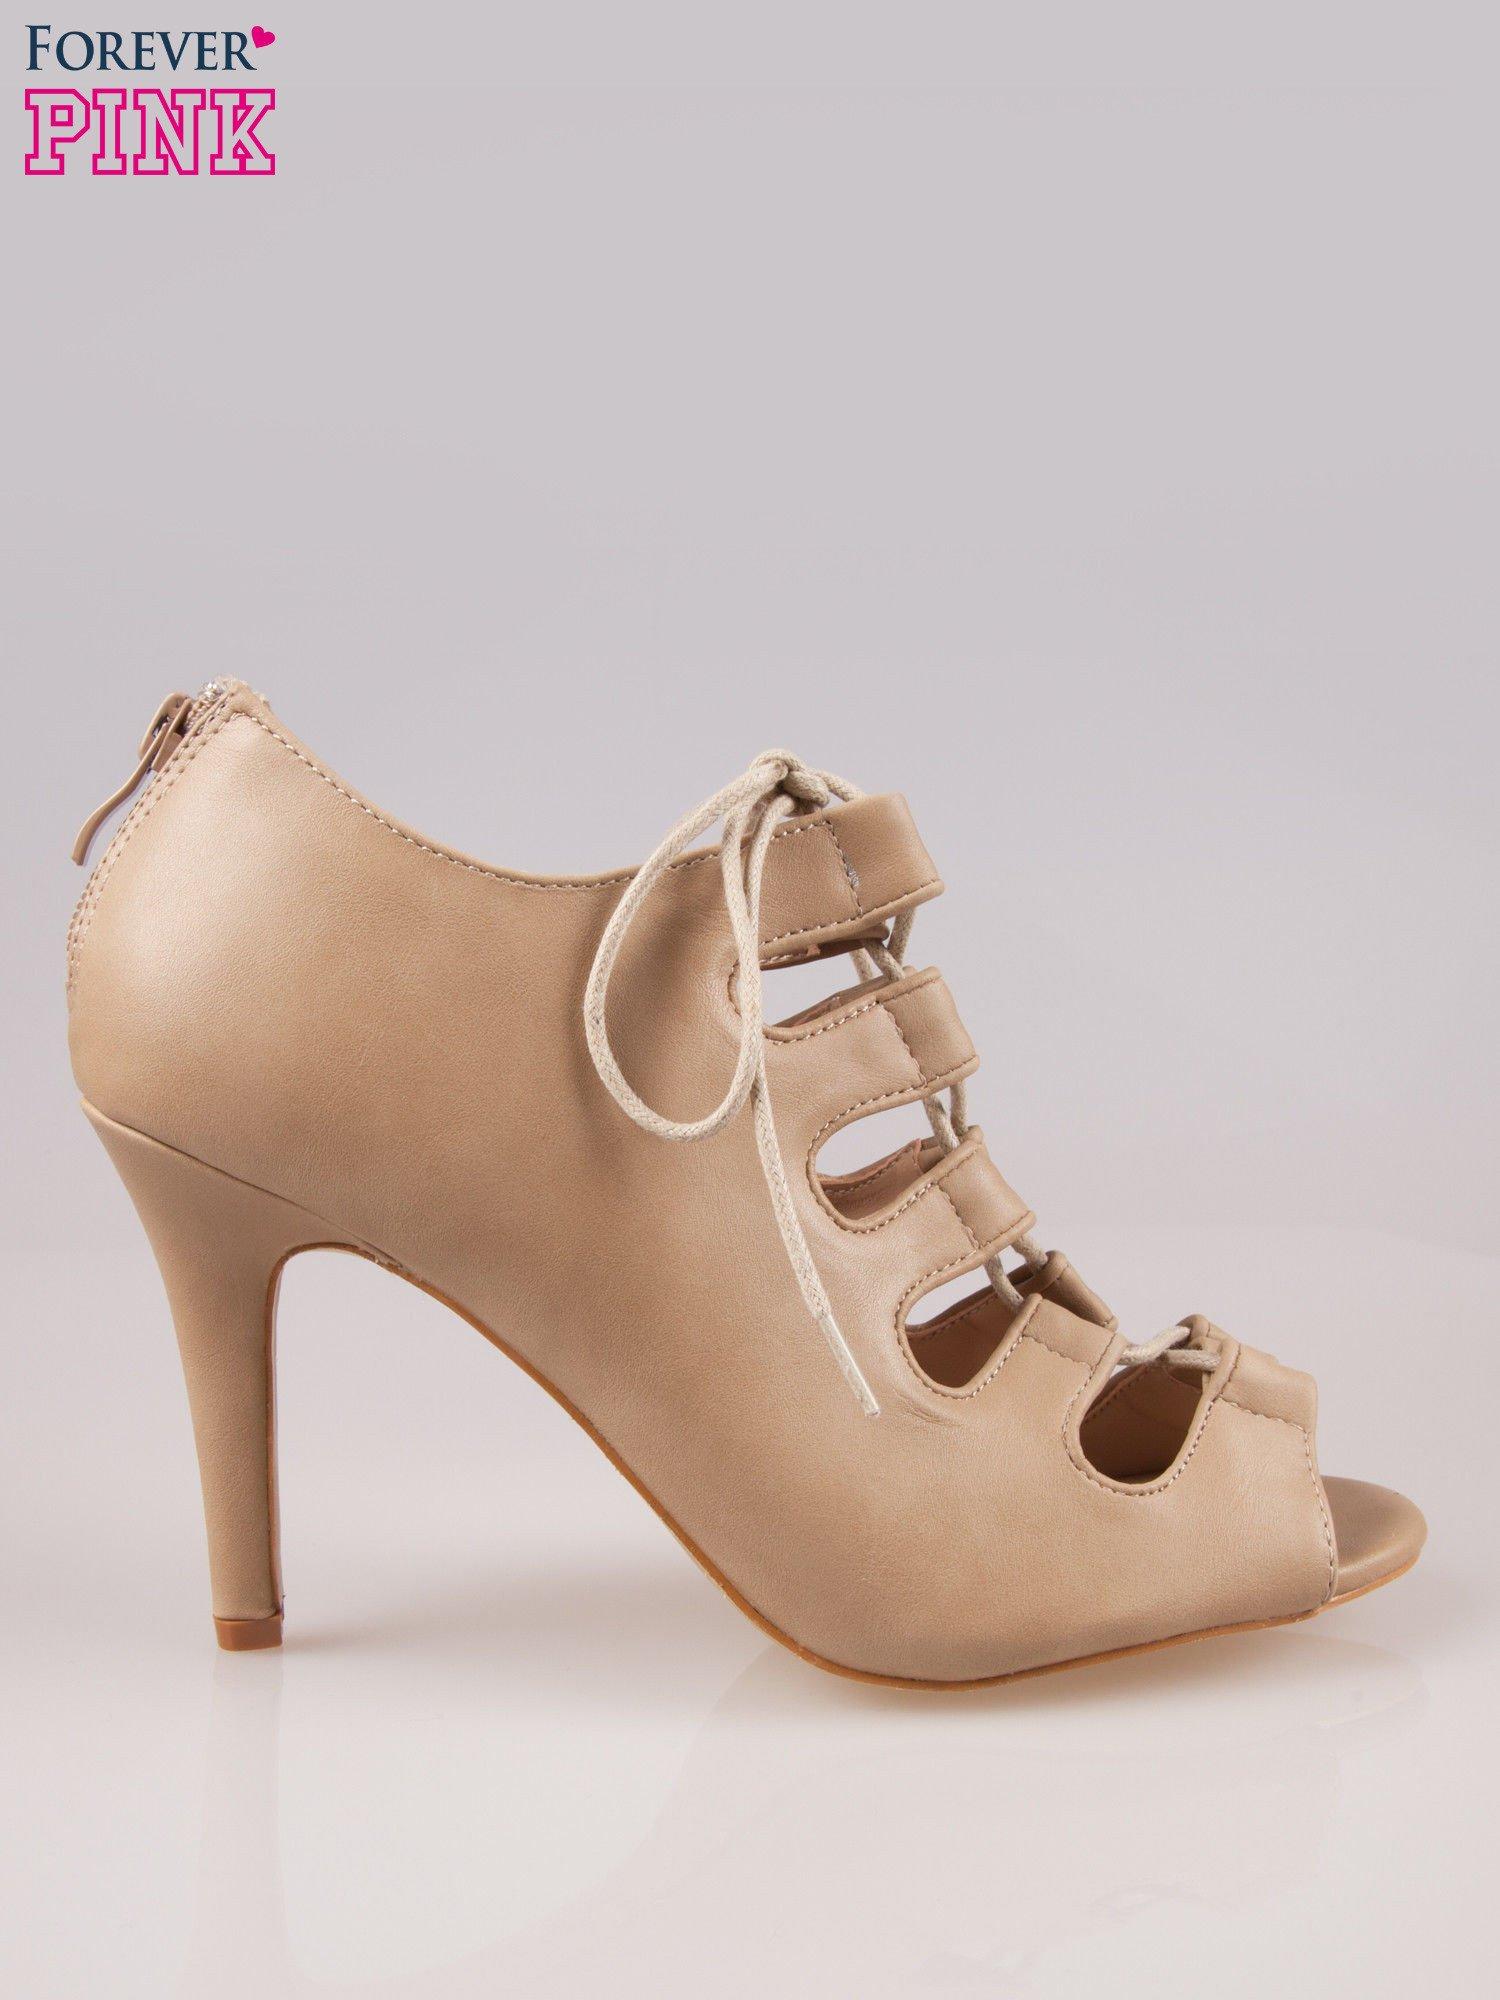 Beżowe wiązane sandały typu gladiatorki Dion                                  zdj.                                  1